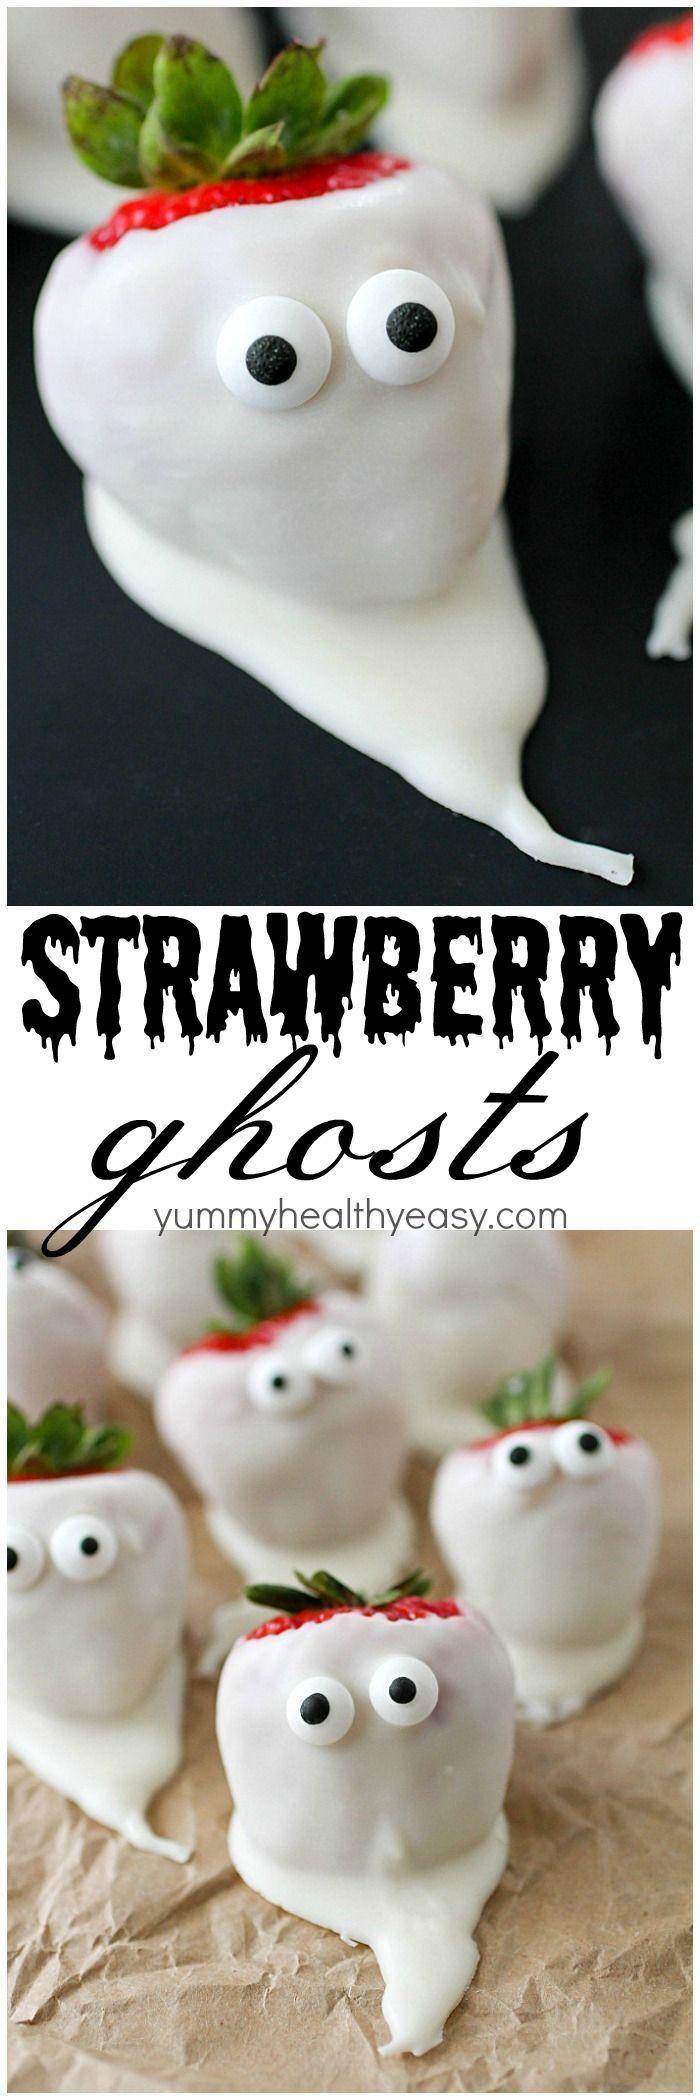 These Chocolate Covered Strawberry Ghosts will be the hit at… – Yeah Handmade: DIY Blog über Deko, Geschenke, Stricken & Co